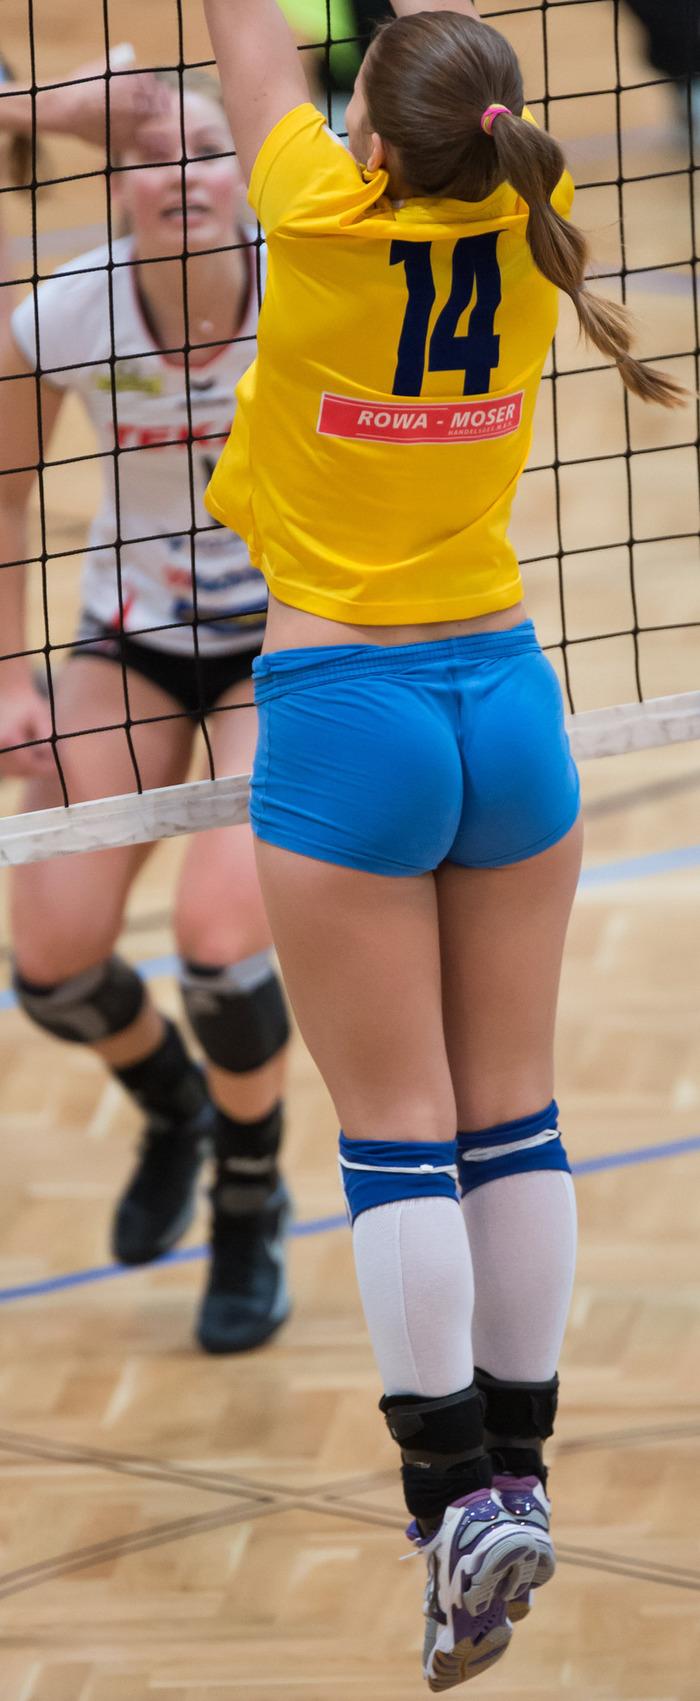 Волейболистка Девушки, Женский волейбол, Длиннопост